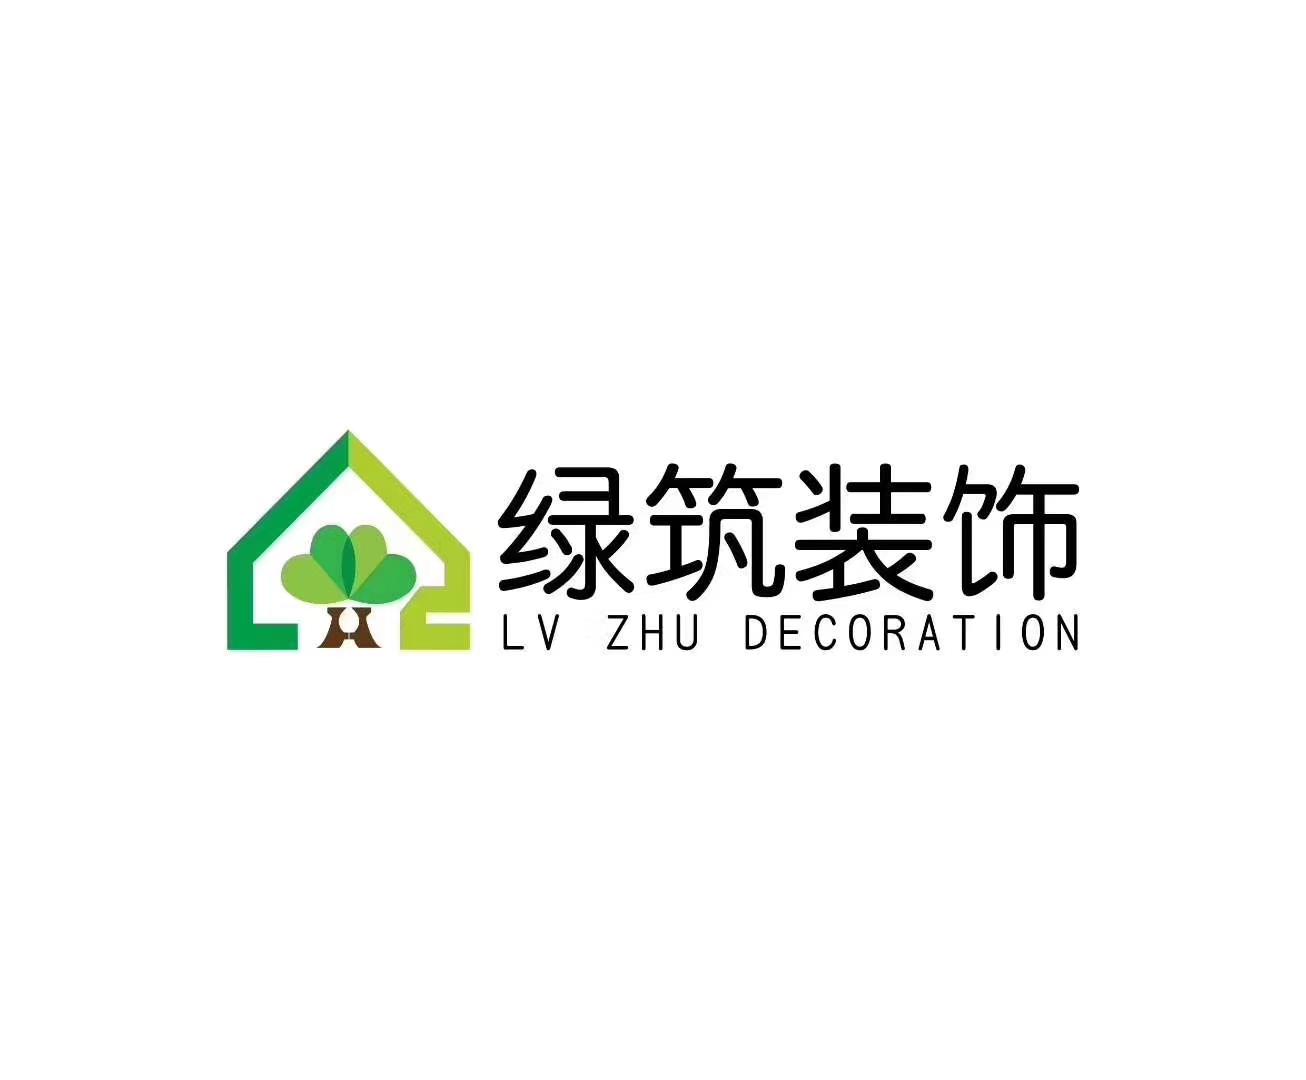 扬州绿筑装饰设计工程有限公司